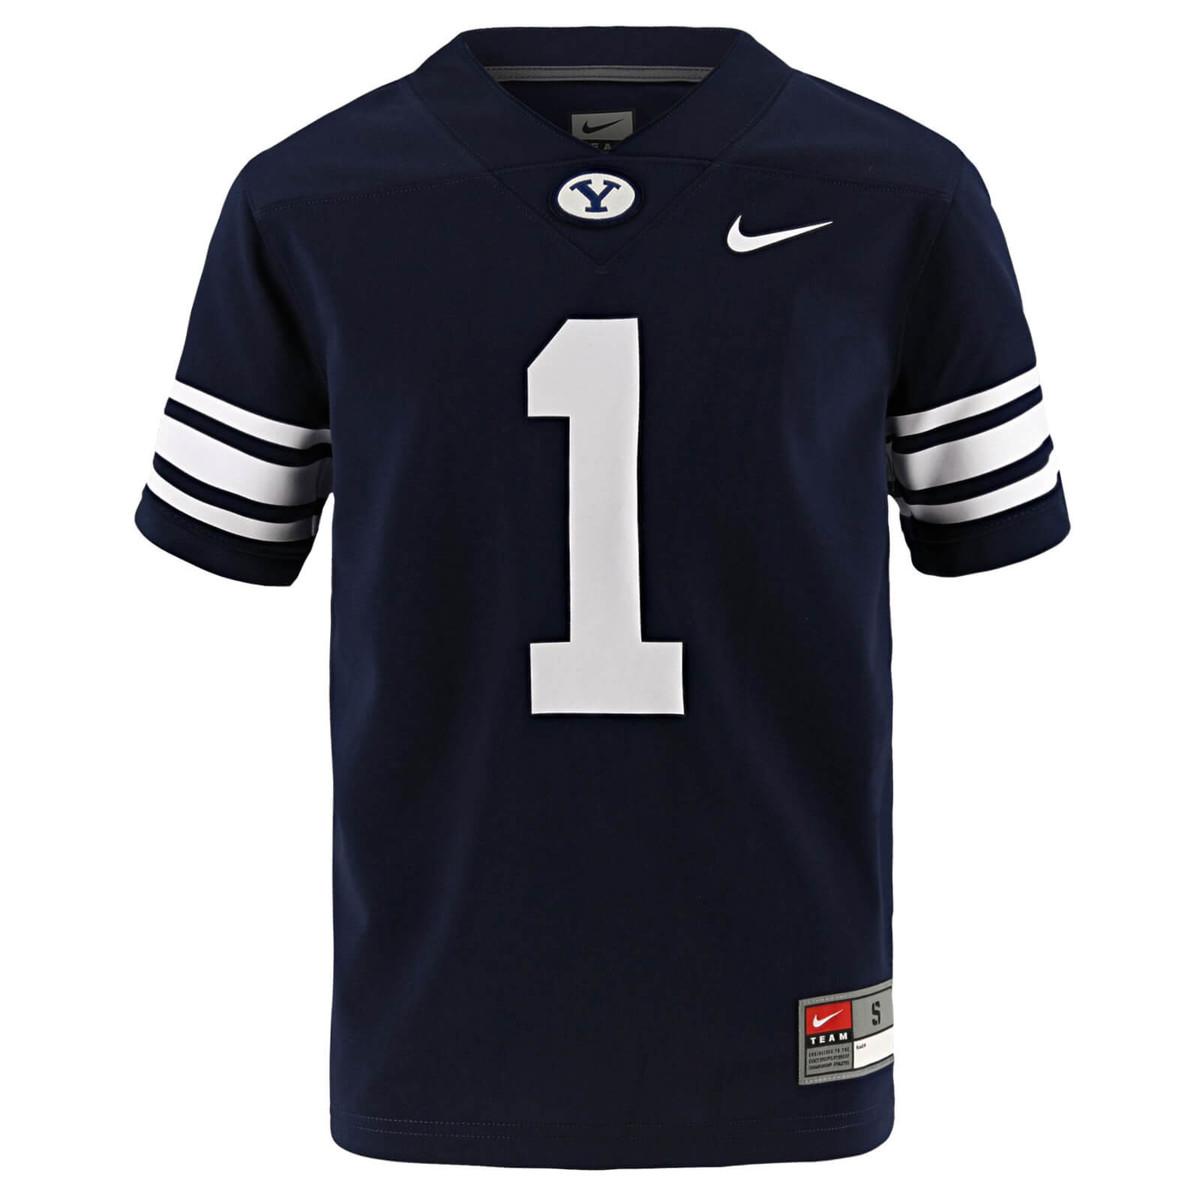 newest 7fec6 ee3ae Youth Oval Y Replica BYU Football Jersey - Nike